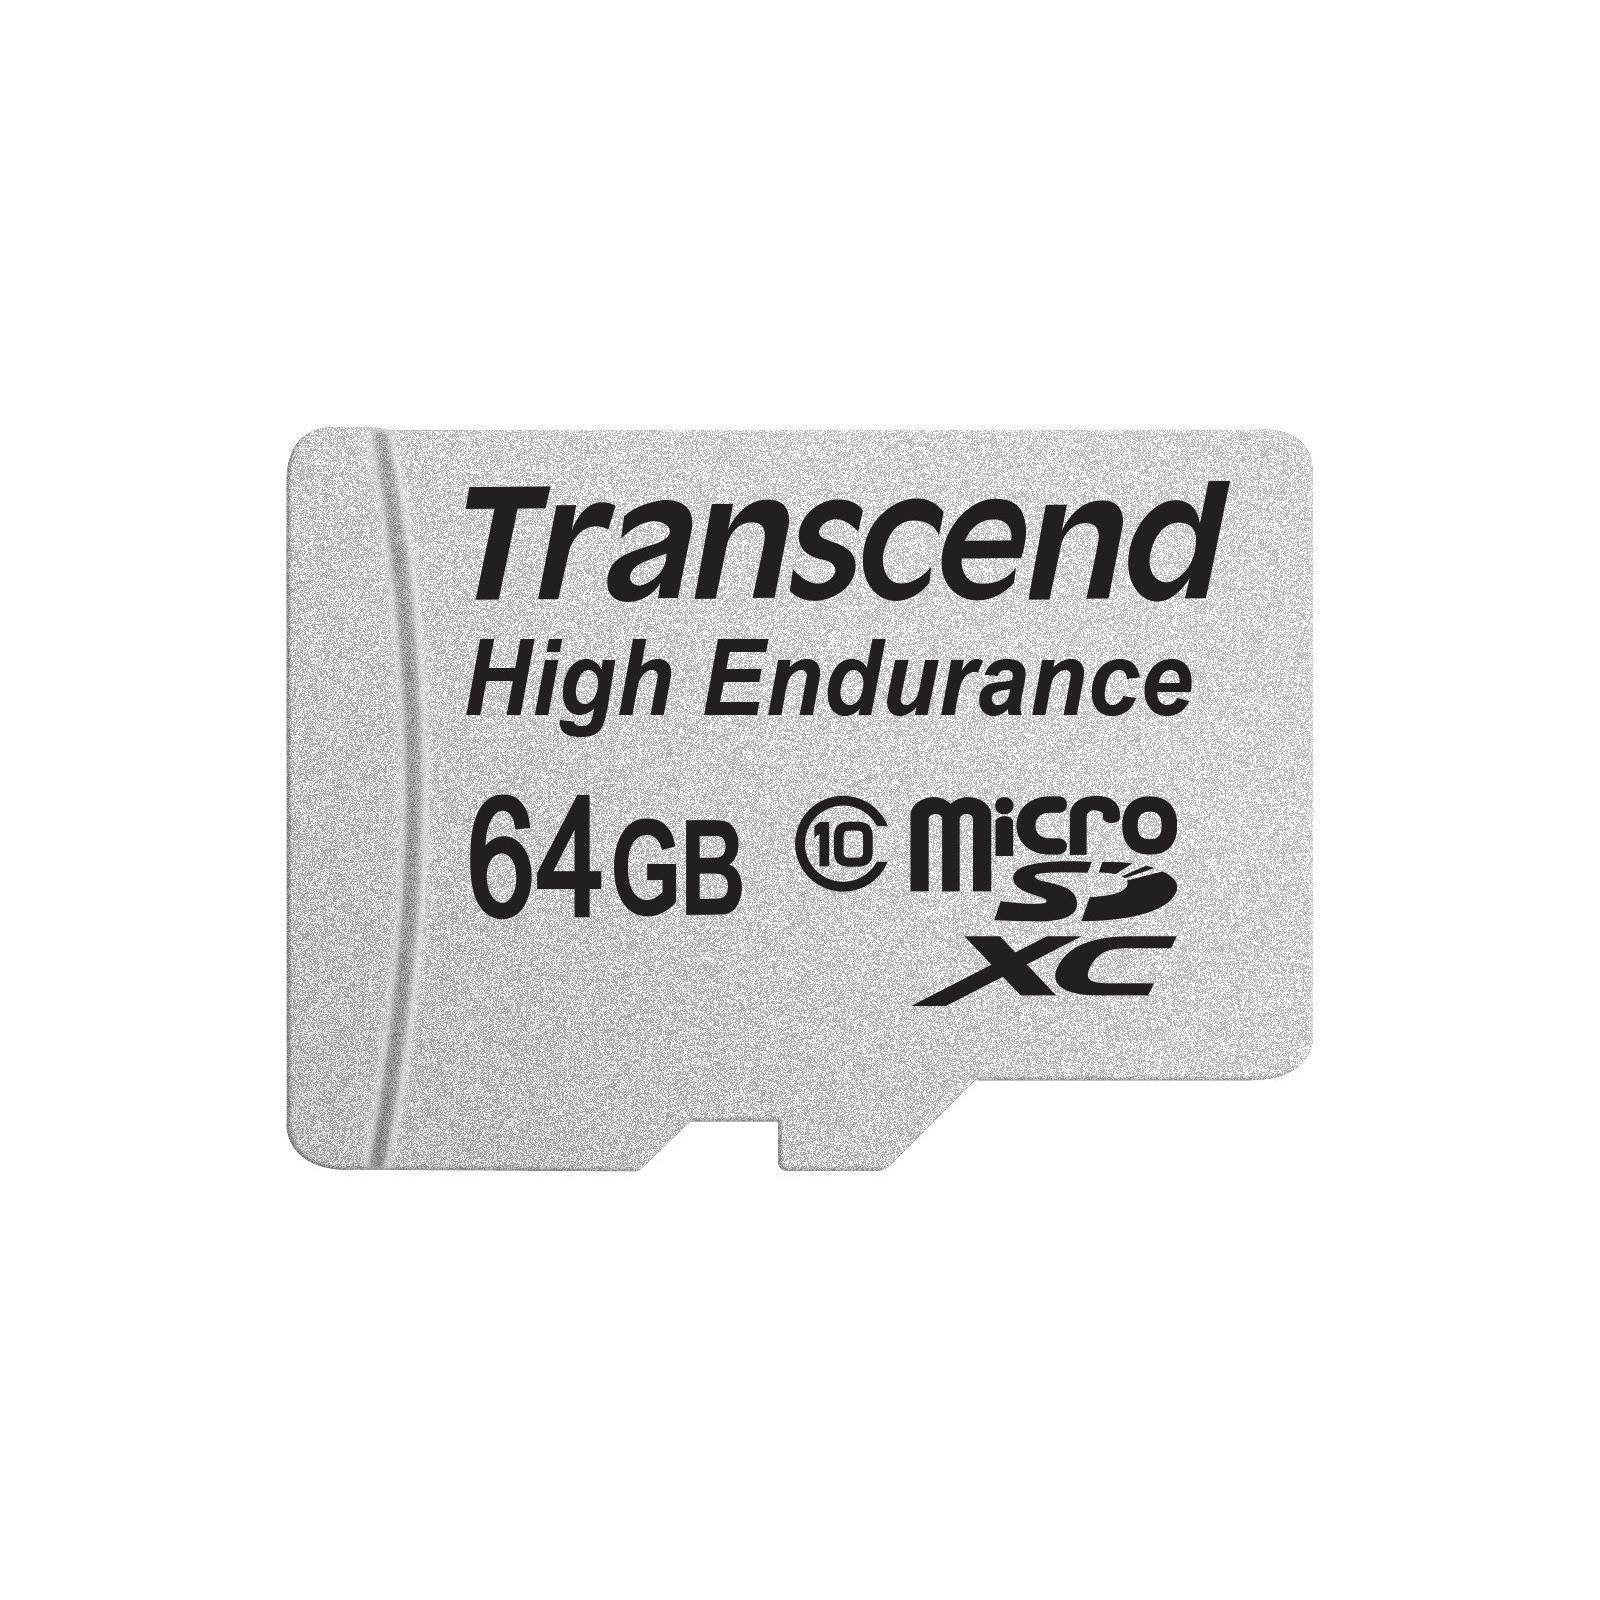 Карта памяти Transcend 64GB microSDXC Class 10 High Endurance + ad (TS64GUSDXC10V)